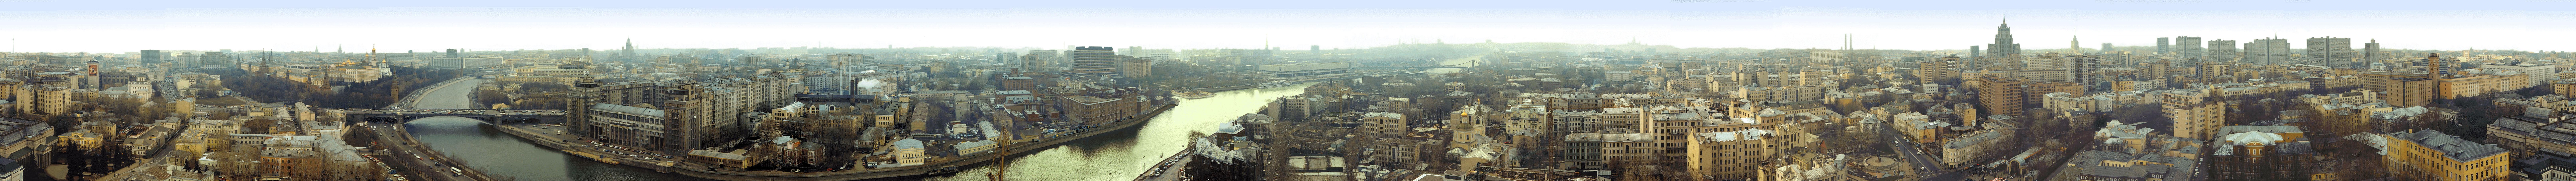 437165 Панорама 1995 г..jpg